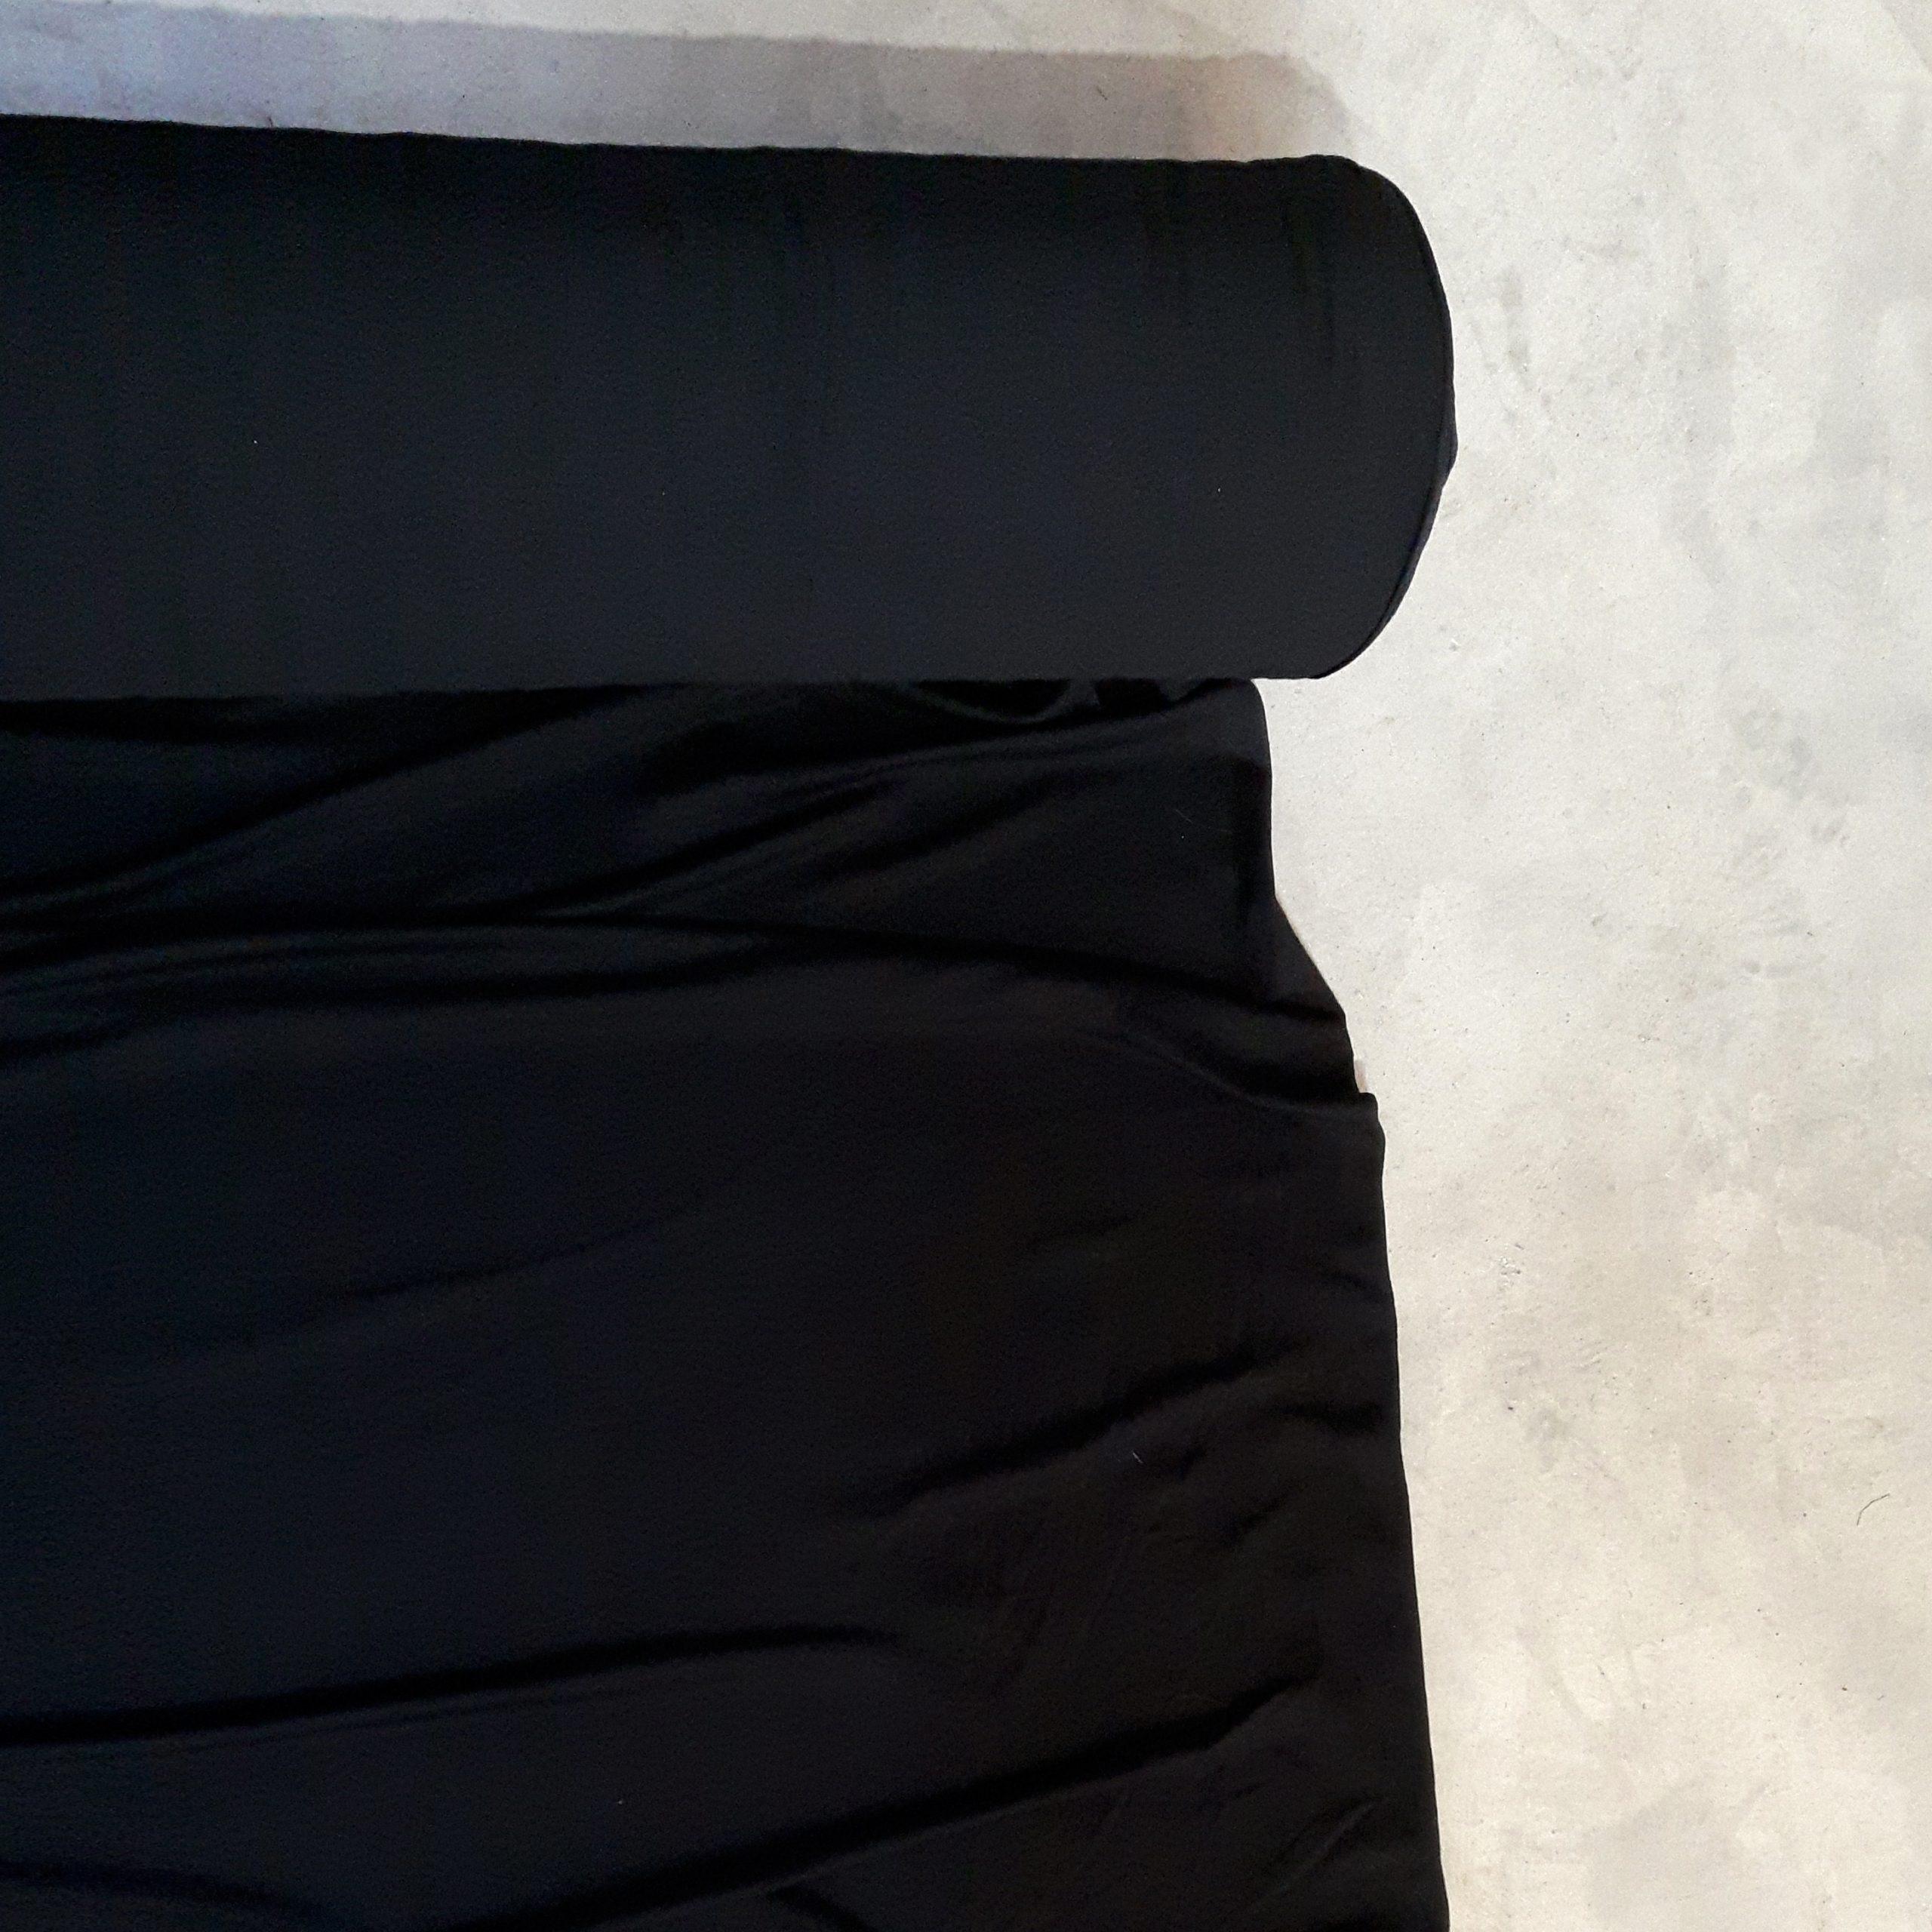 creation-vetement-clothes-for-woman-fashion-designer-fait-au-quebec-look-chic-black-shirt-marilou-design